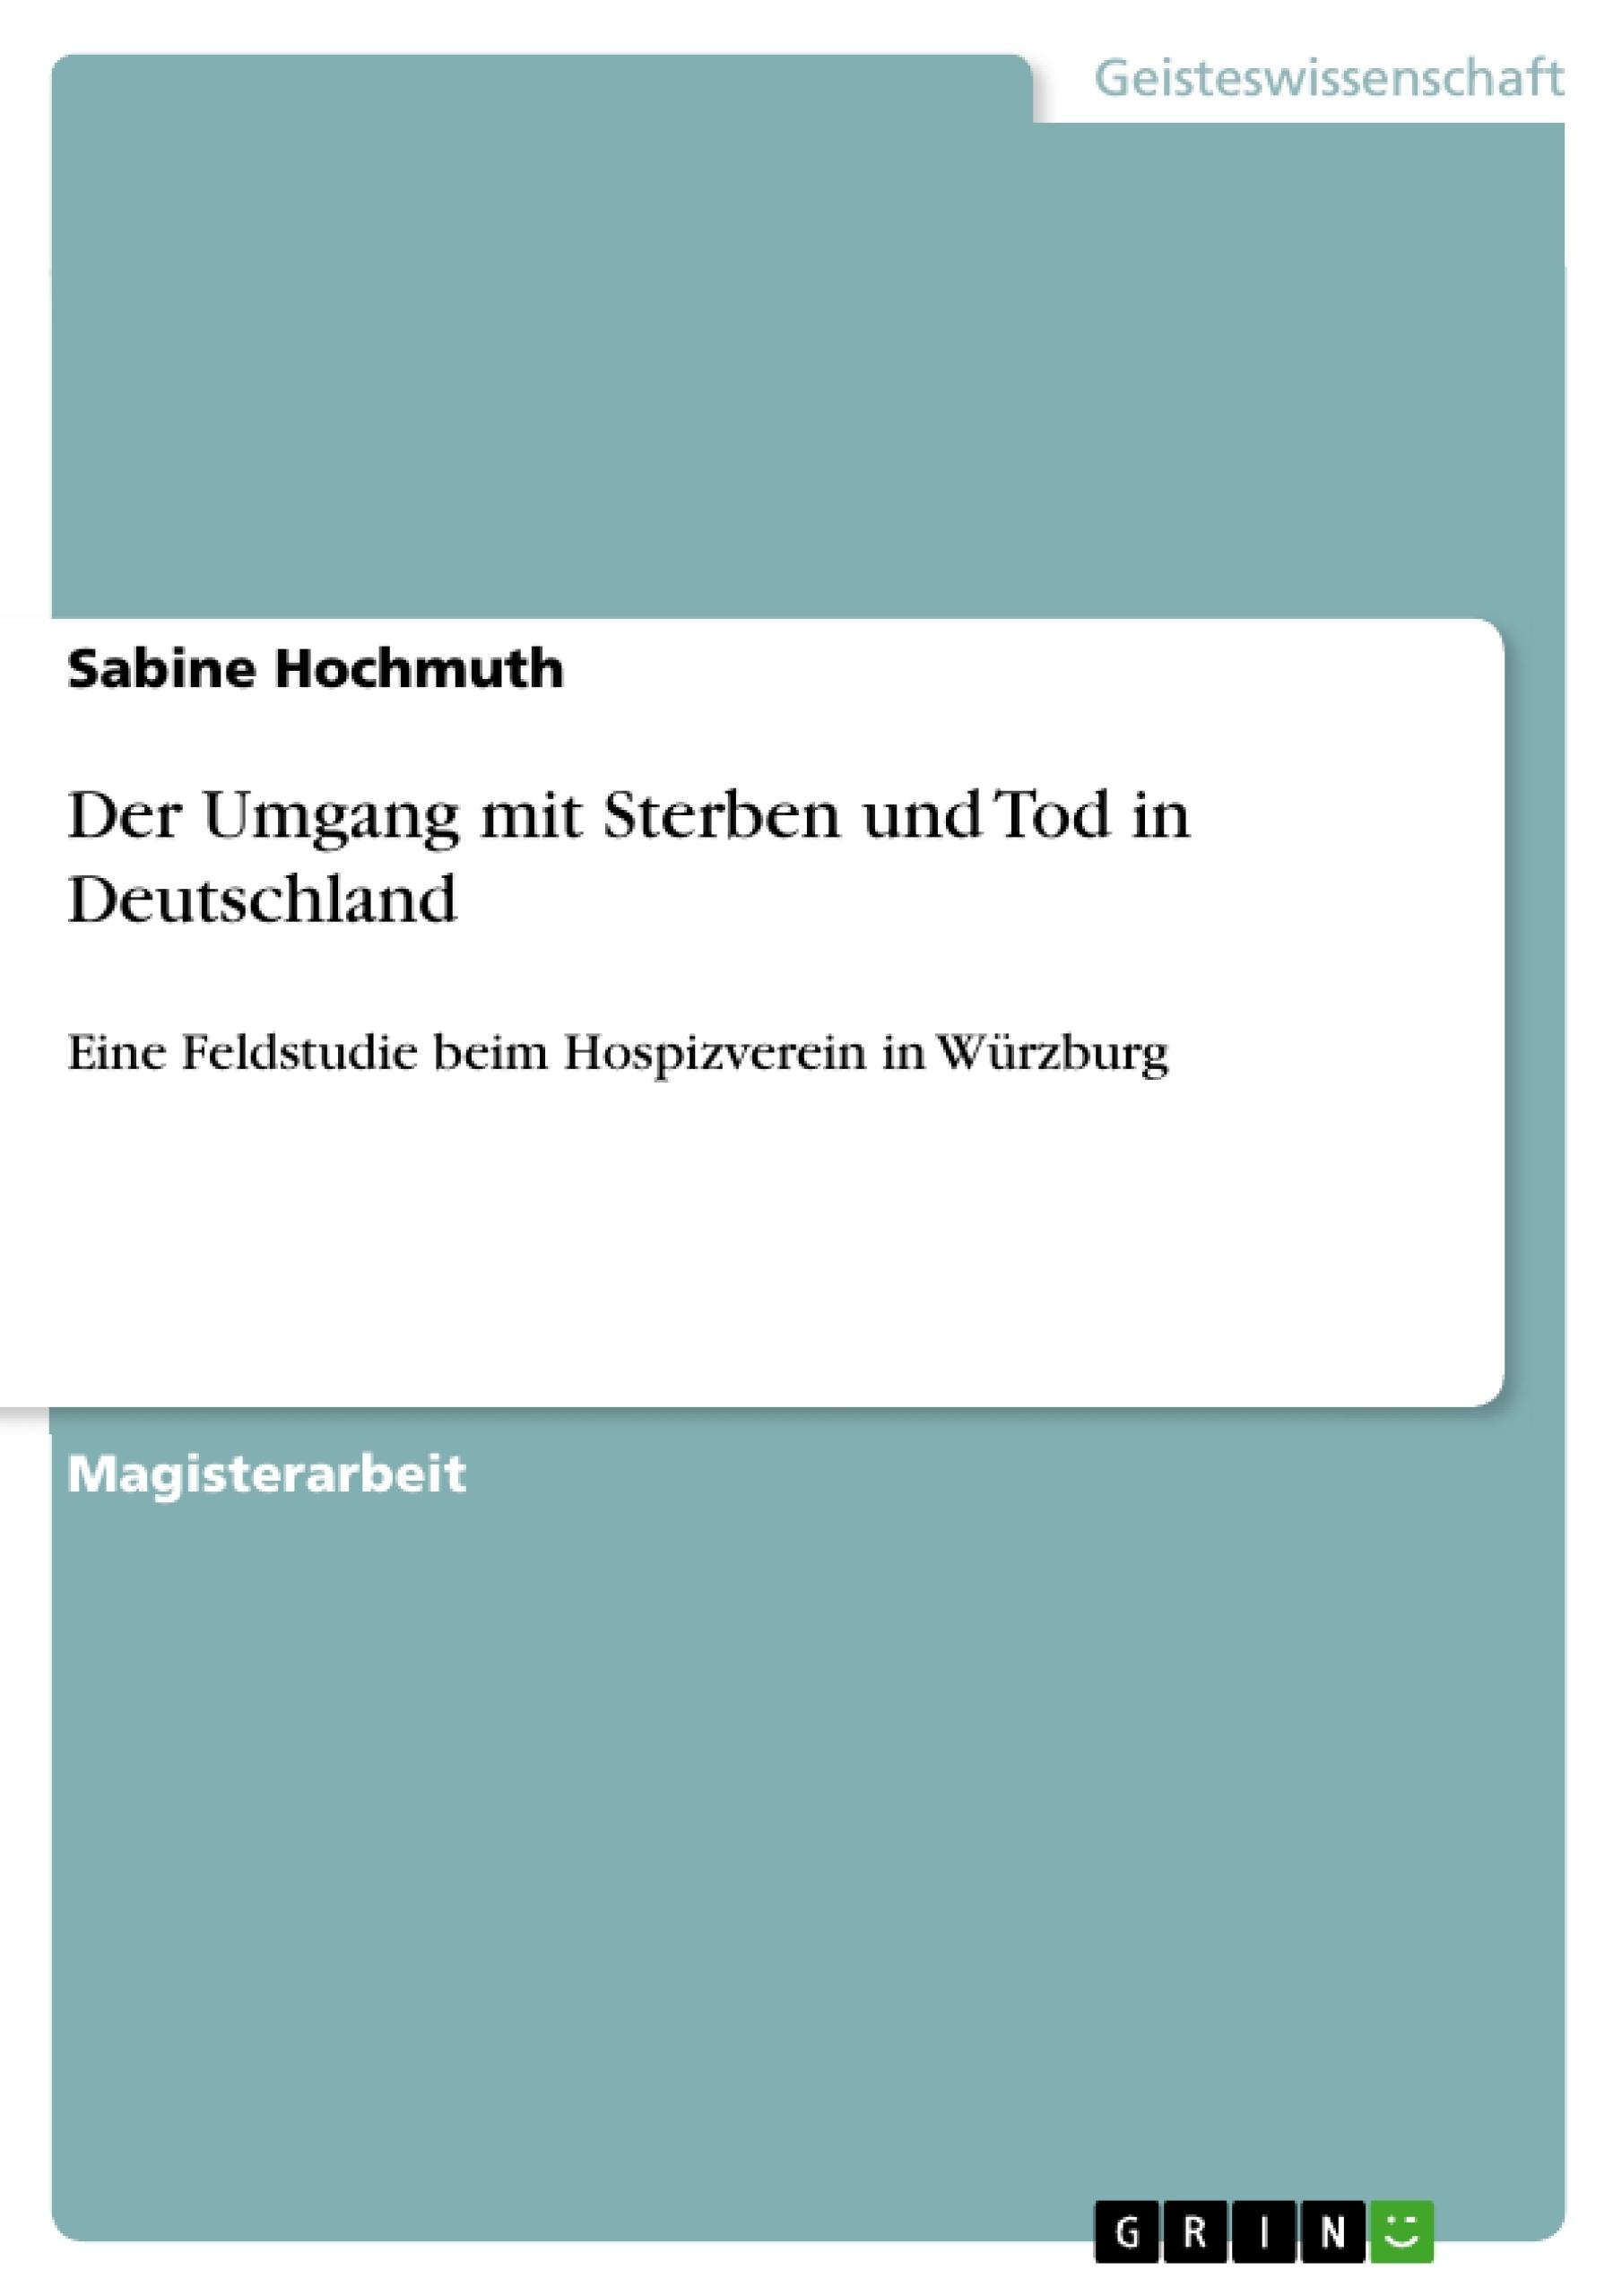 Titel: Der Umgang mit Sterben und Tod in Deutschland